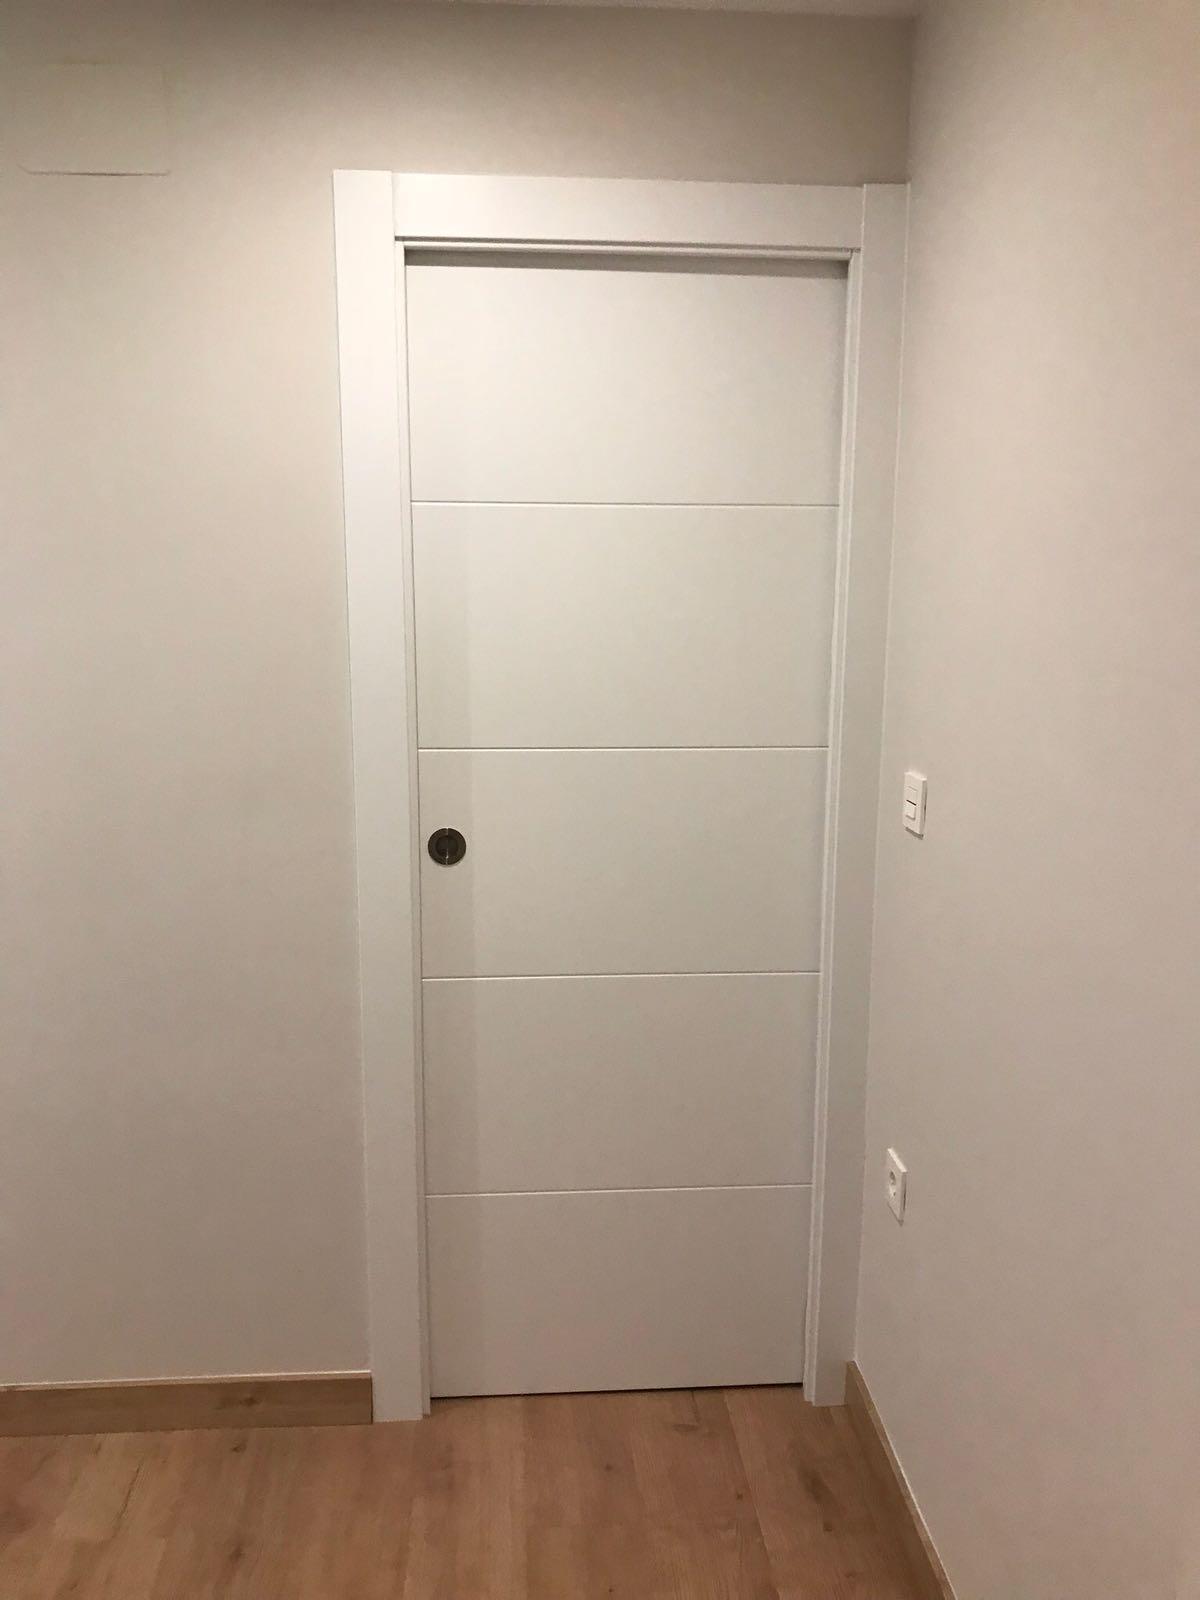 Puertas blanca puerta blindada blanca con lineas fresadas for Puerta blindada blanca